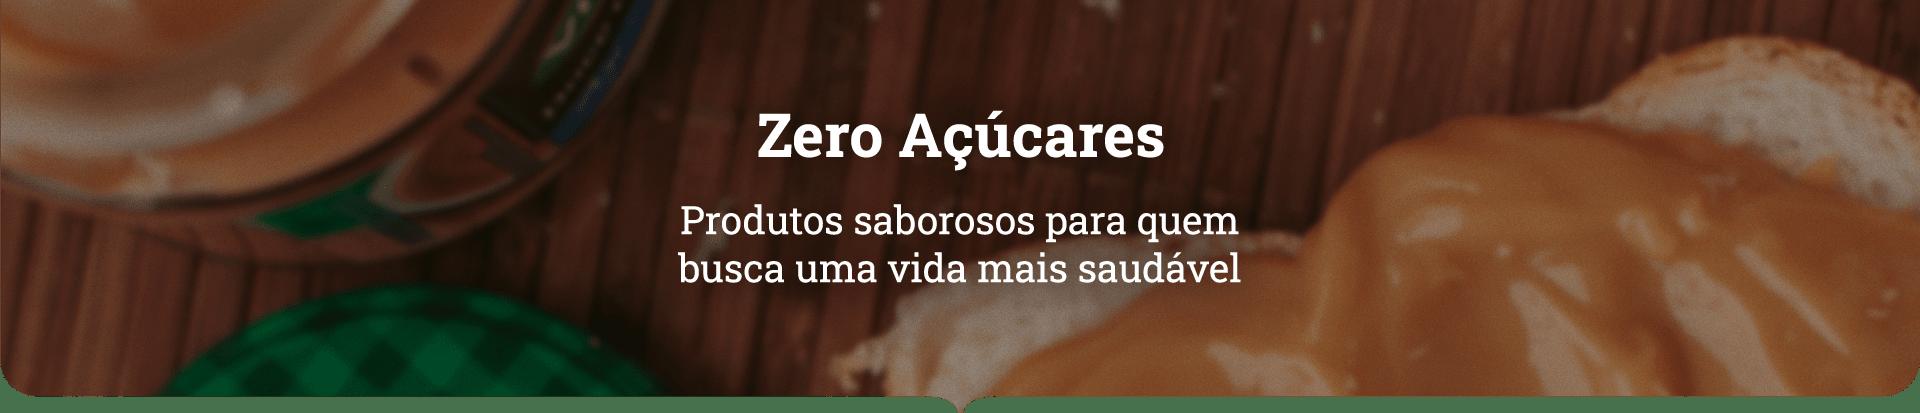 zero-acucar